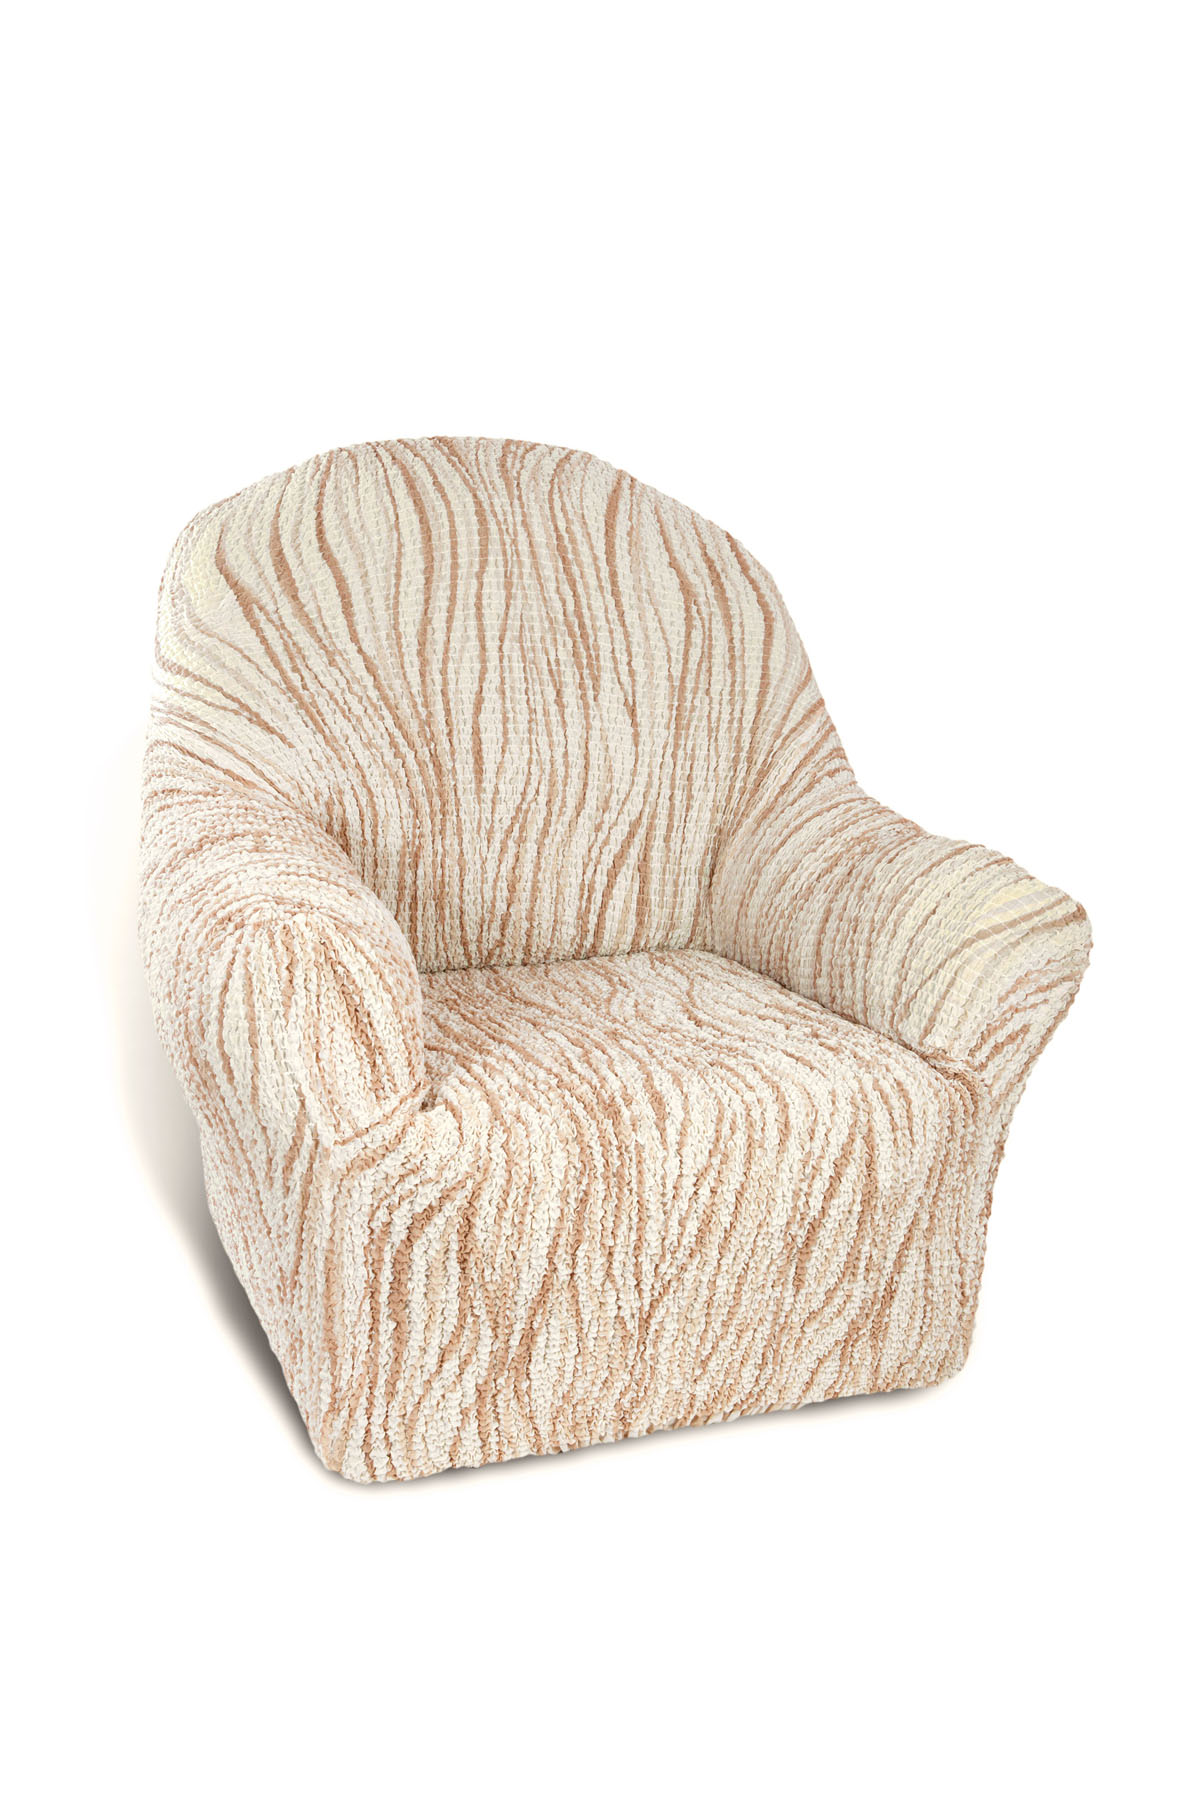 Чехол на кресло Еврочехол Виста, 60-100 см. 6/43-16/43-1Чехол на кресло Еврочехол Виста выполнен из 50% хлопка, 50% полиэстера. Он идеально подойдет для тех, кто хочет защитить свою мебель от постоянных воздействий. Этот чехол, благодаря прочности ткани, станет идеальным решением для владельцев домашних животных. Кроме того, состав ткани гипоаллергенен, а потому безопасен для малышей или людей пожилого возраста. Такой чехол отлично впишется в любой интерьер. Еврочехол послужит не только практичной защитой для вашей мебели, но и приятно удивит вас мягкостью ткани и итальянским качеством производства.Растяжимость чехла по спинке (без учета подлокотников): 60-100 см.